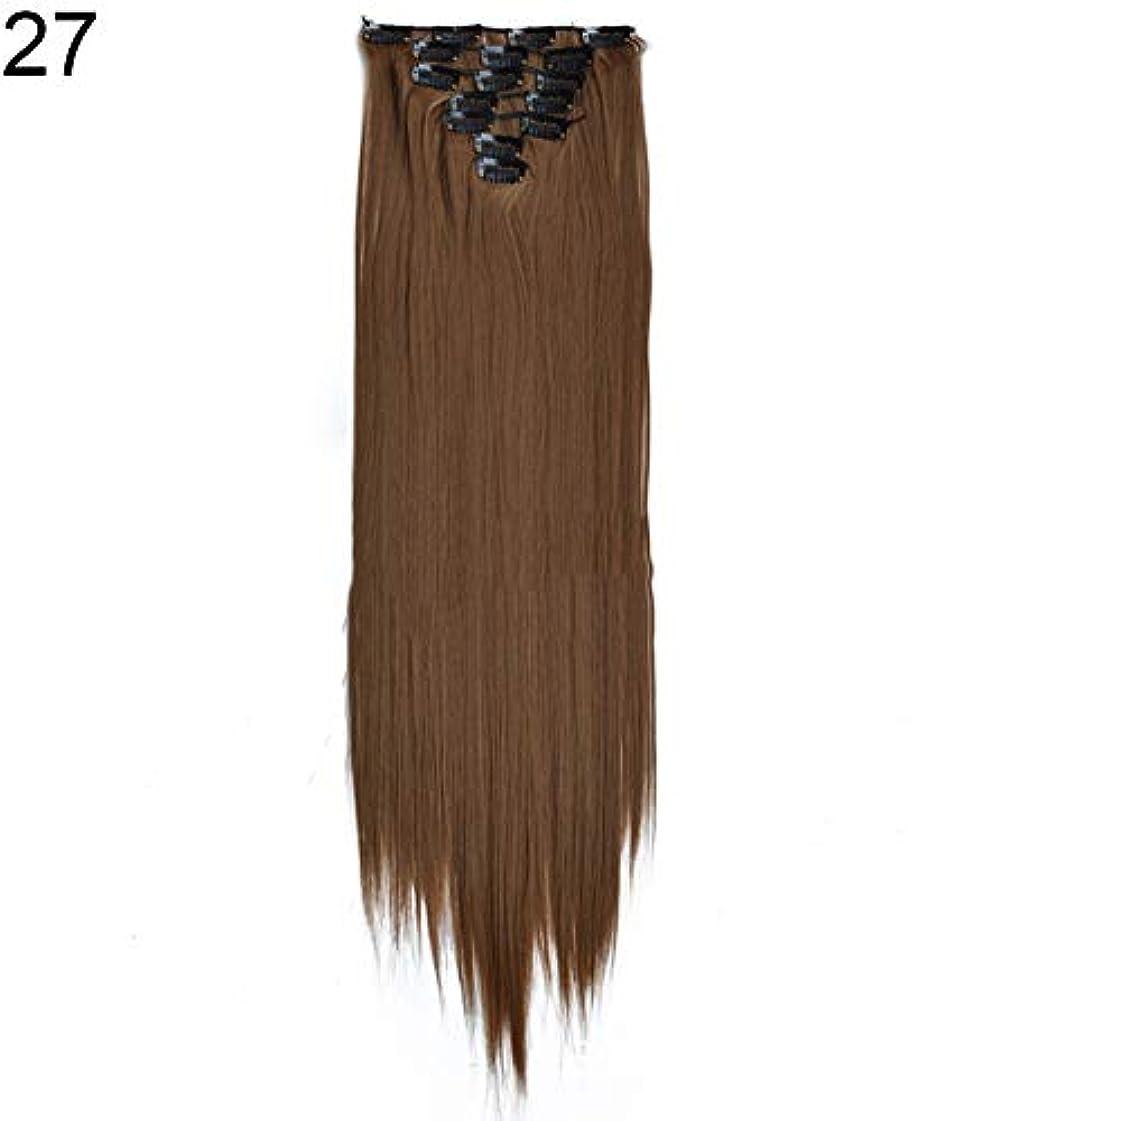 ひも氷めるslQinjiansav女性ウィッグ修復ツール7Pcsファッション女性グラデーションカラーヘアエクステンションロングストレートウィッグヘアピース